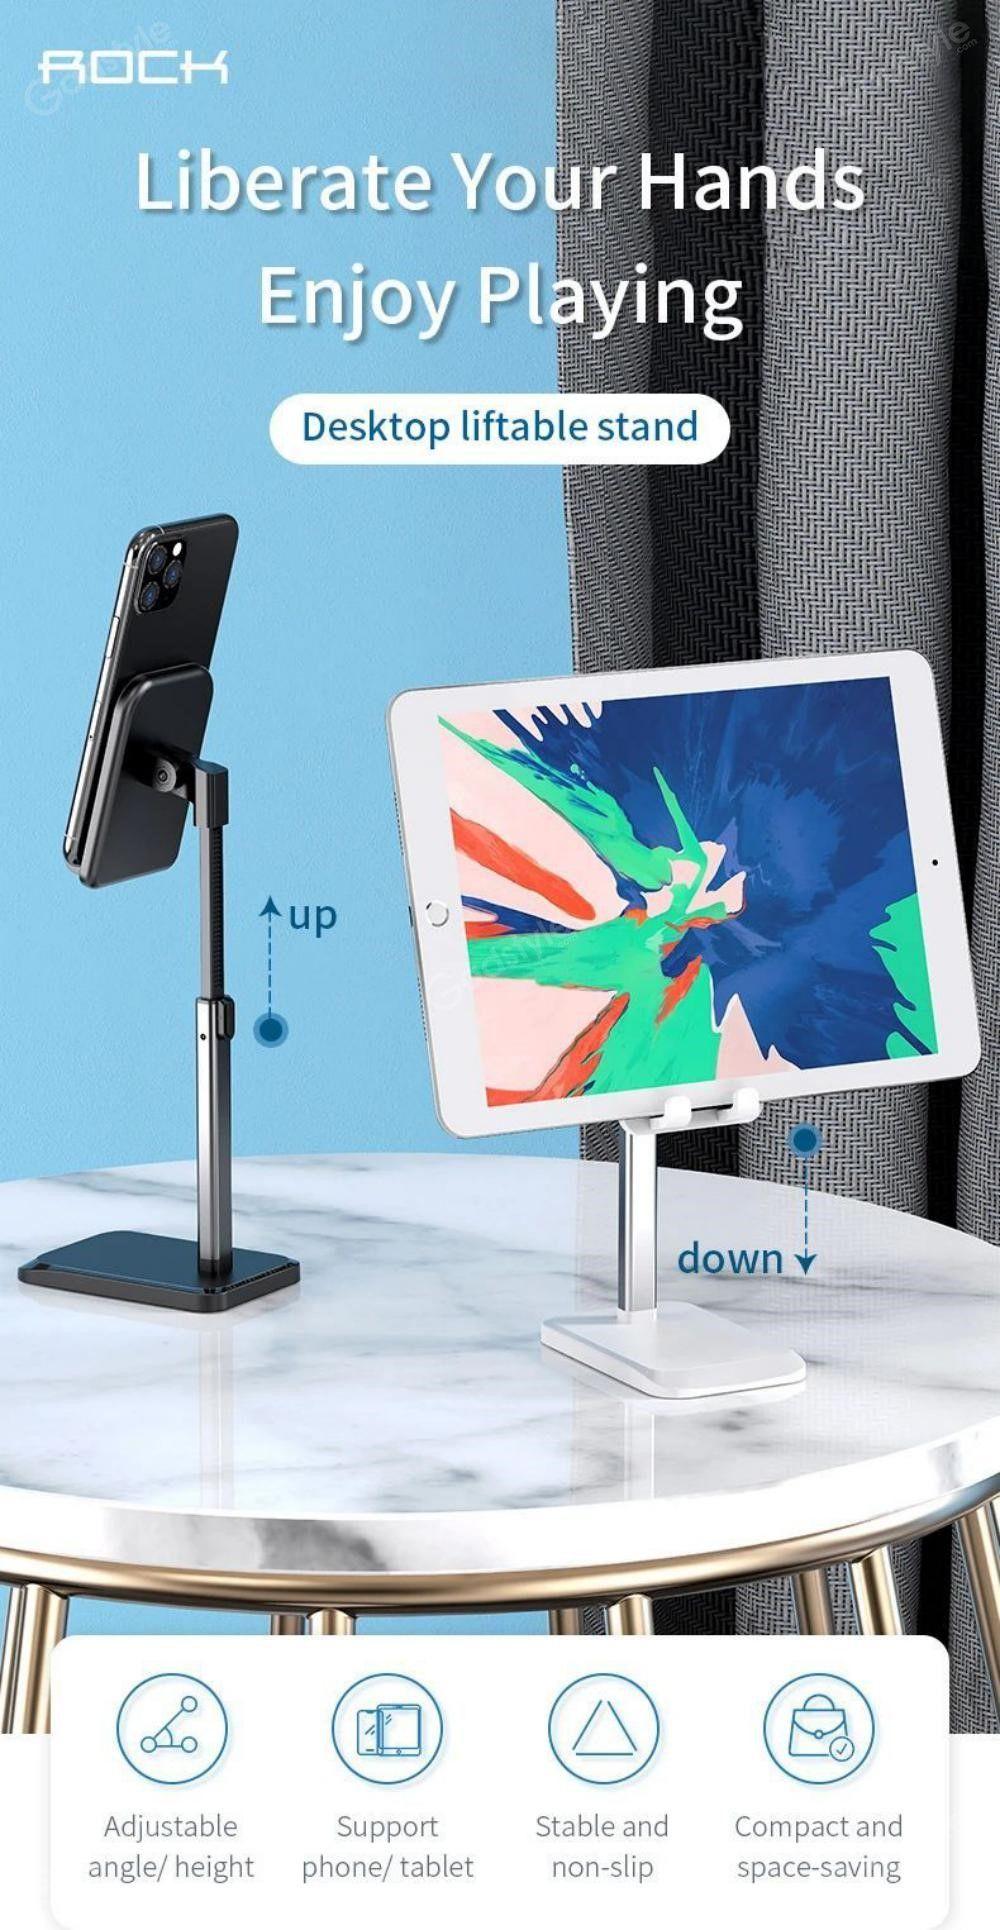 Rock Metal Desktop Stand Tablet Phone Holder Liftable Version (6)